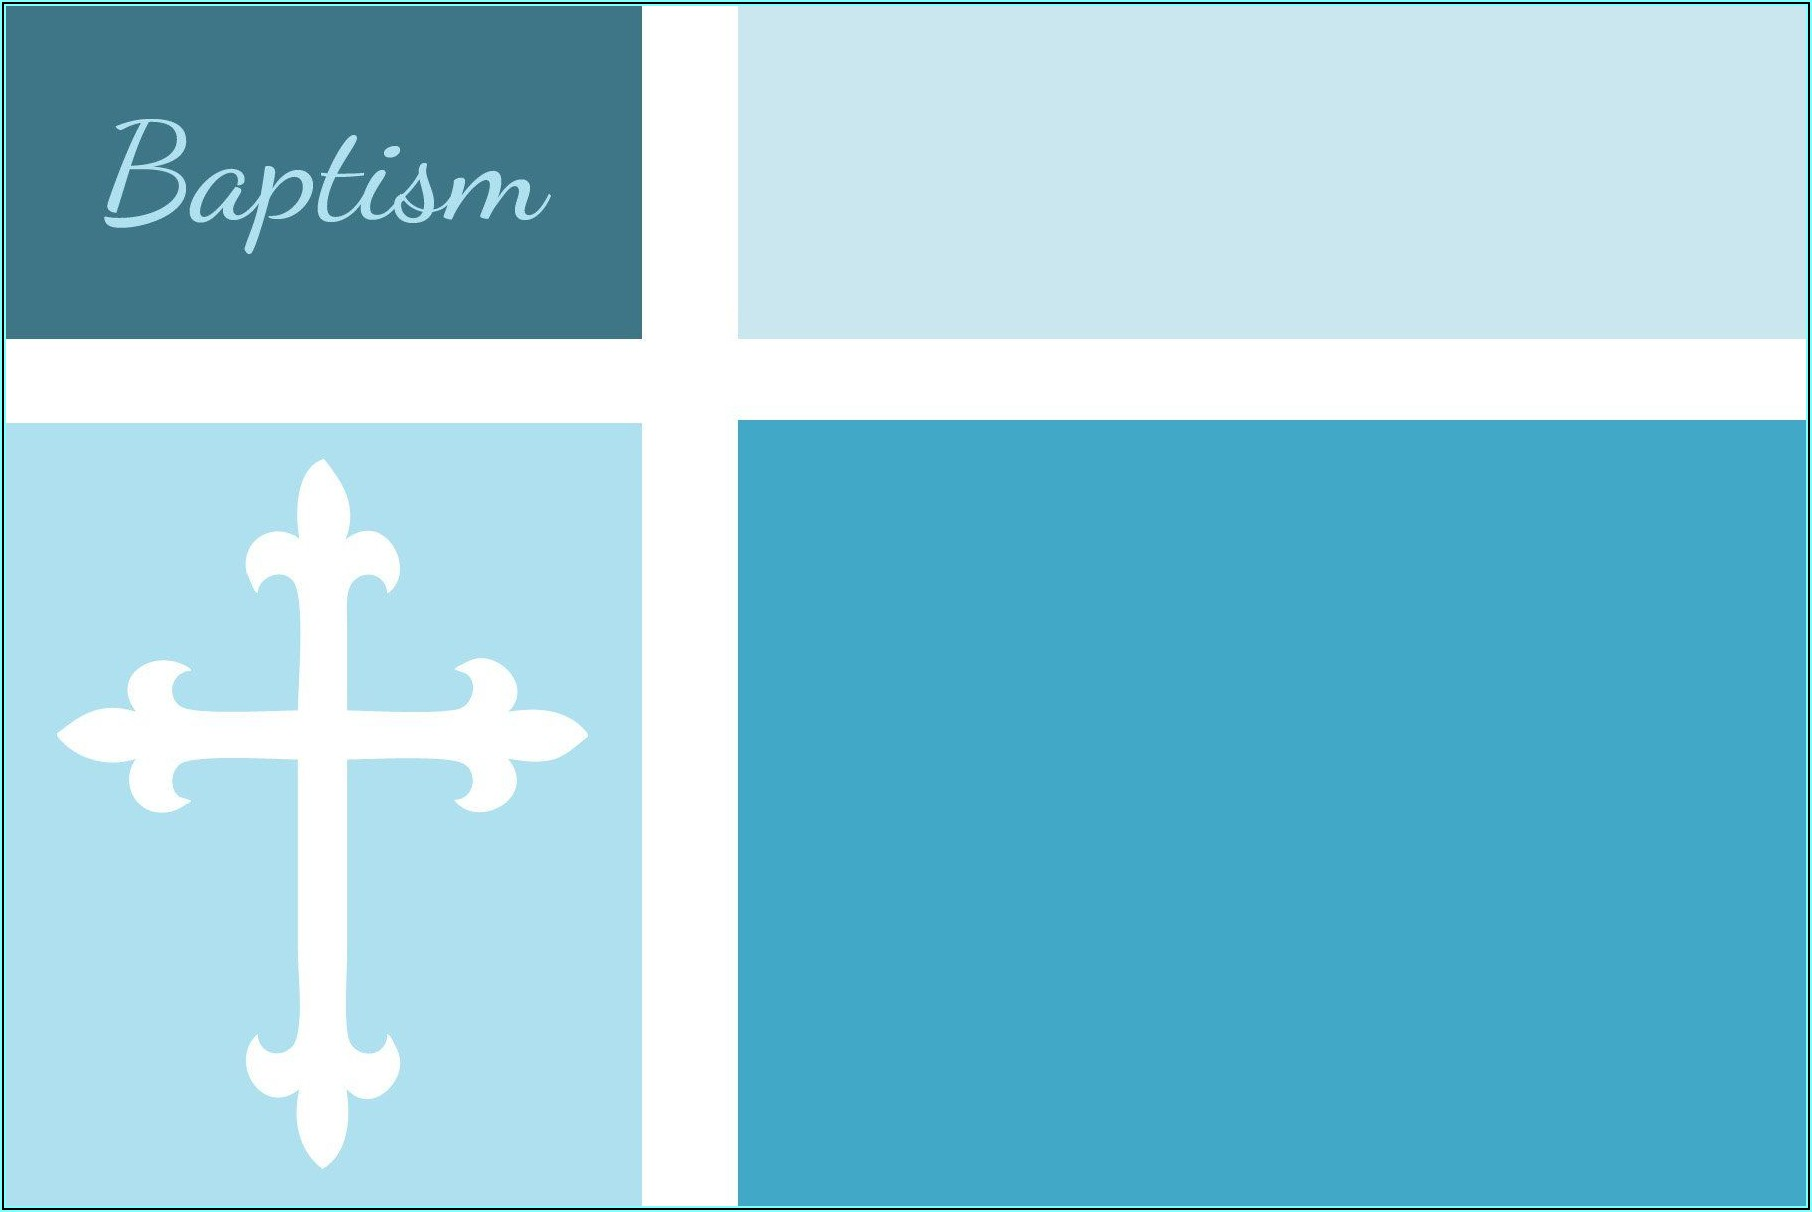 Baby Boy Baptism Invitation Background